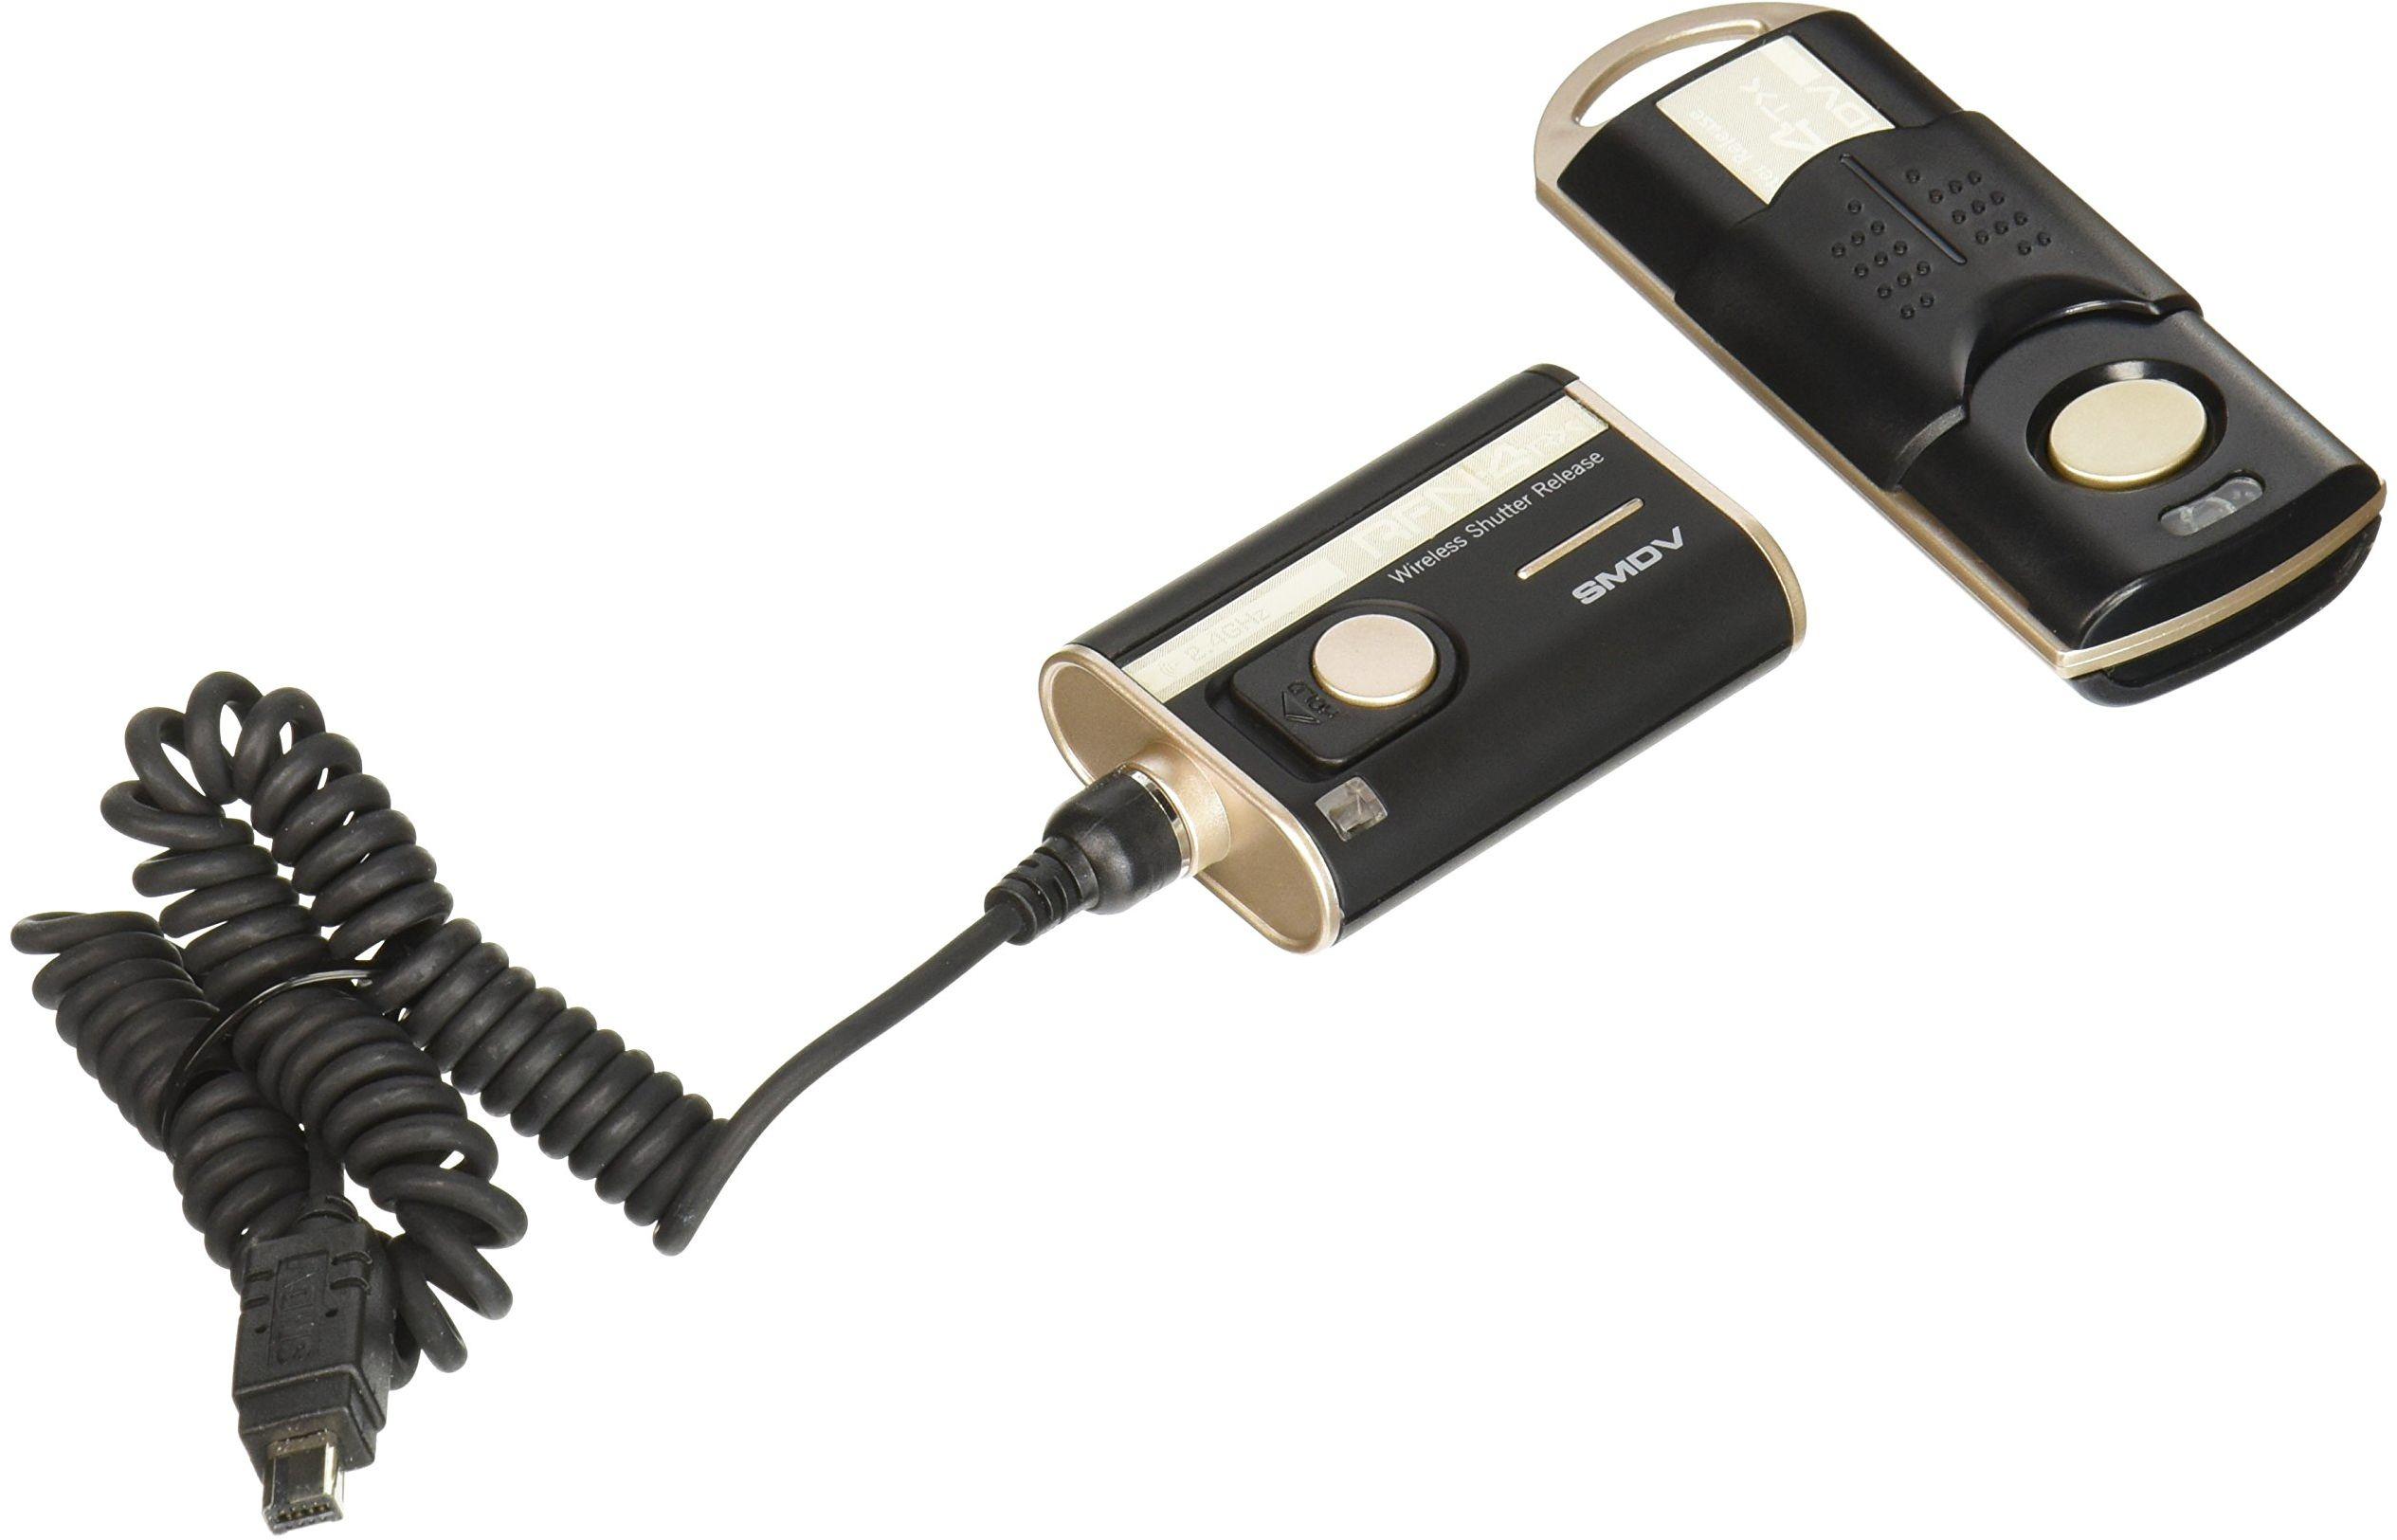 SMDV RFN-4 Bezprzewodowy pilot zwalniający migawki do Nikon D90, D3100, D3200, D5000, D5100, D7000, Kompatybilny z Nikon MC-DC2